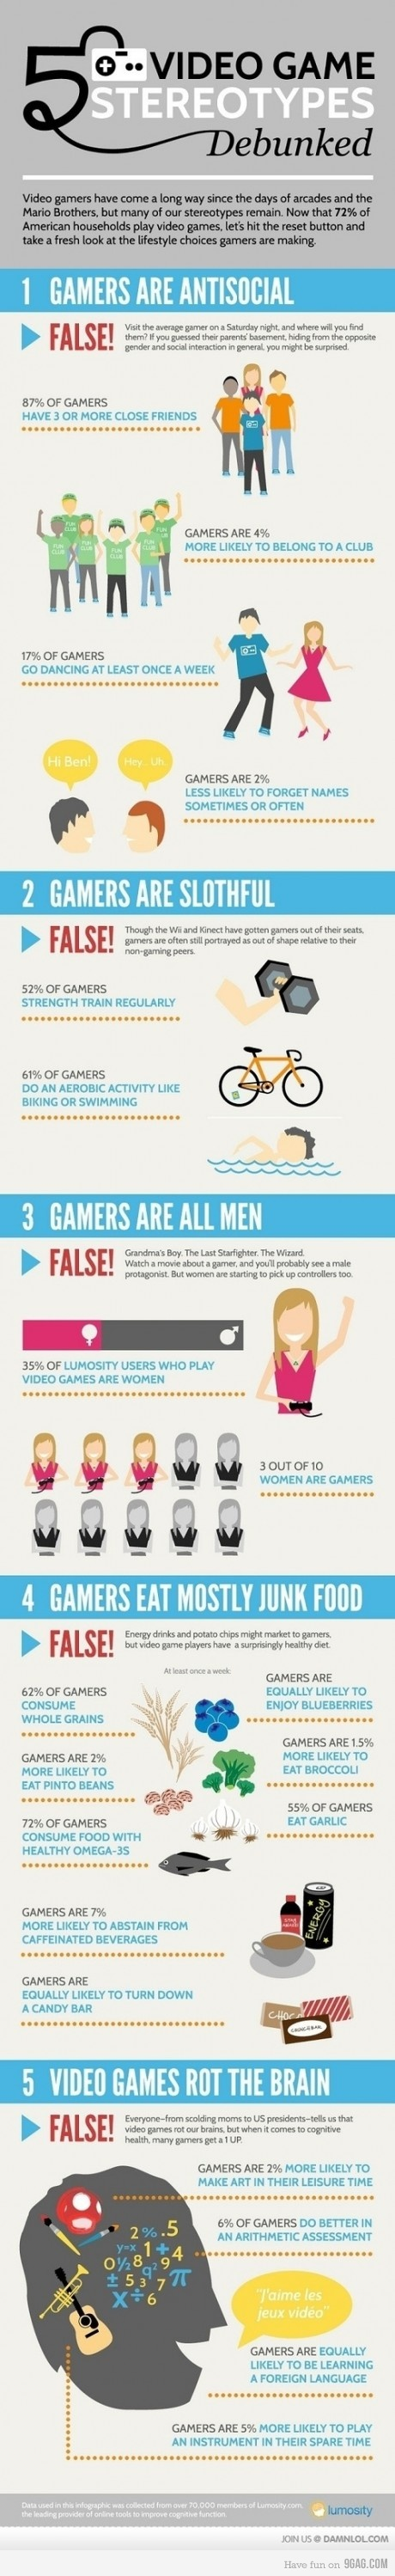 gamers-stereotyp-geek-gnd